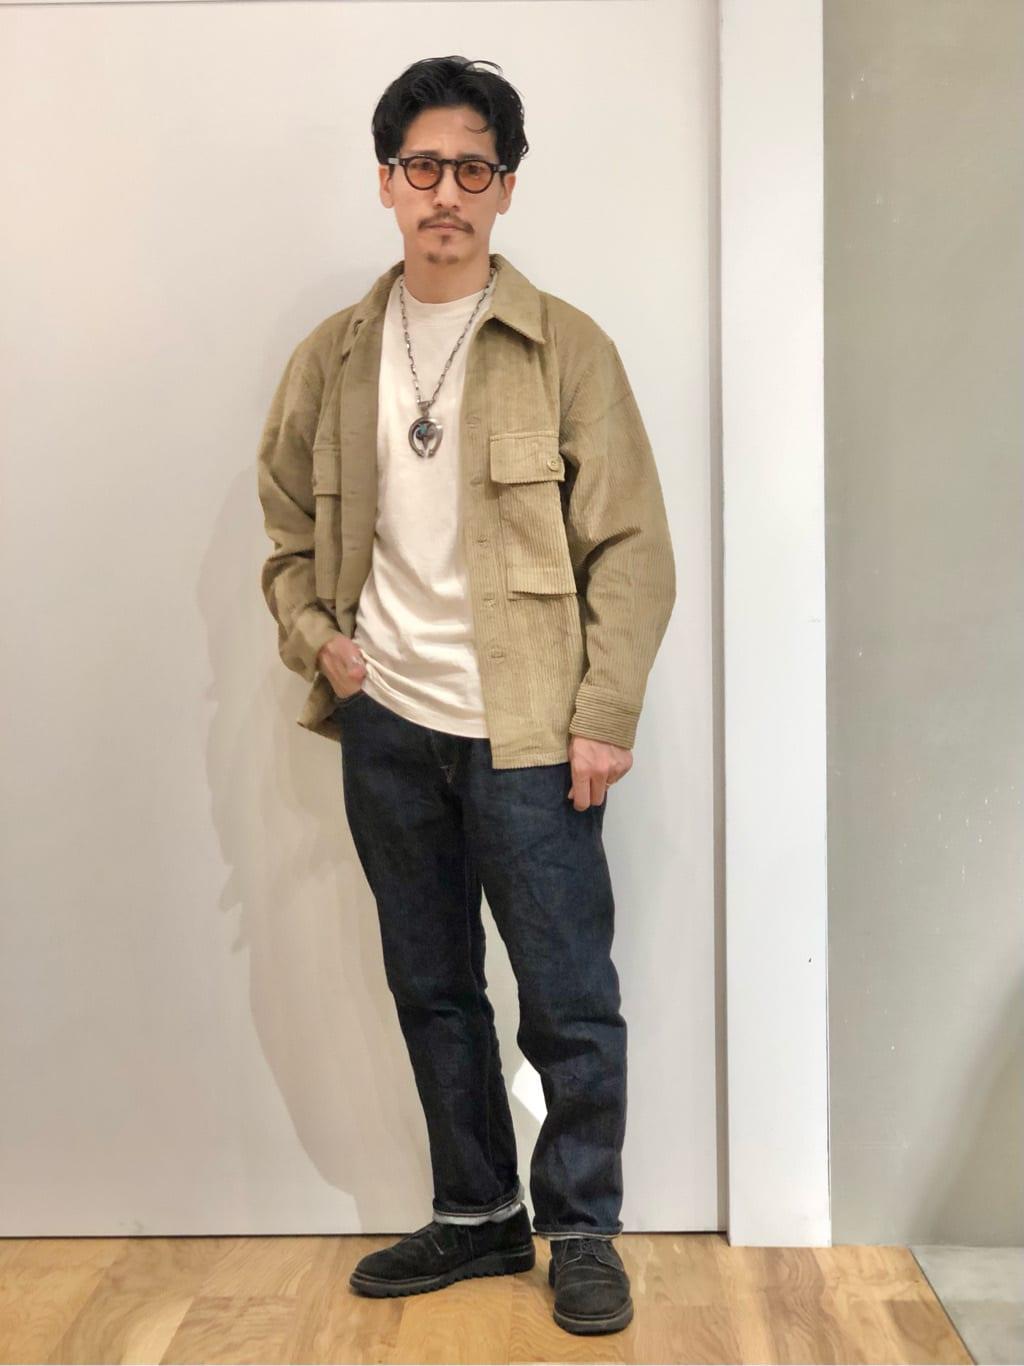 LINKS UMEDA店のサカモトヒロシさんのALPHAのM-43 コーデュロイシャツジャケットを使ったコーディネート